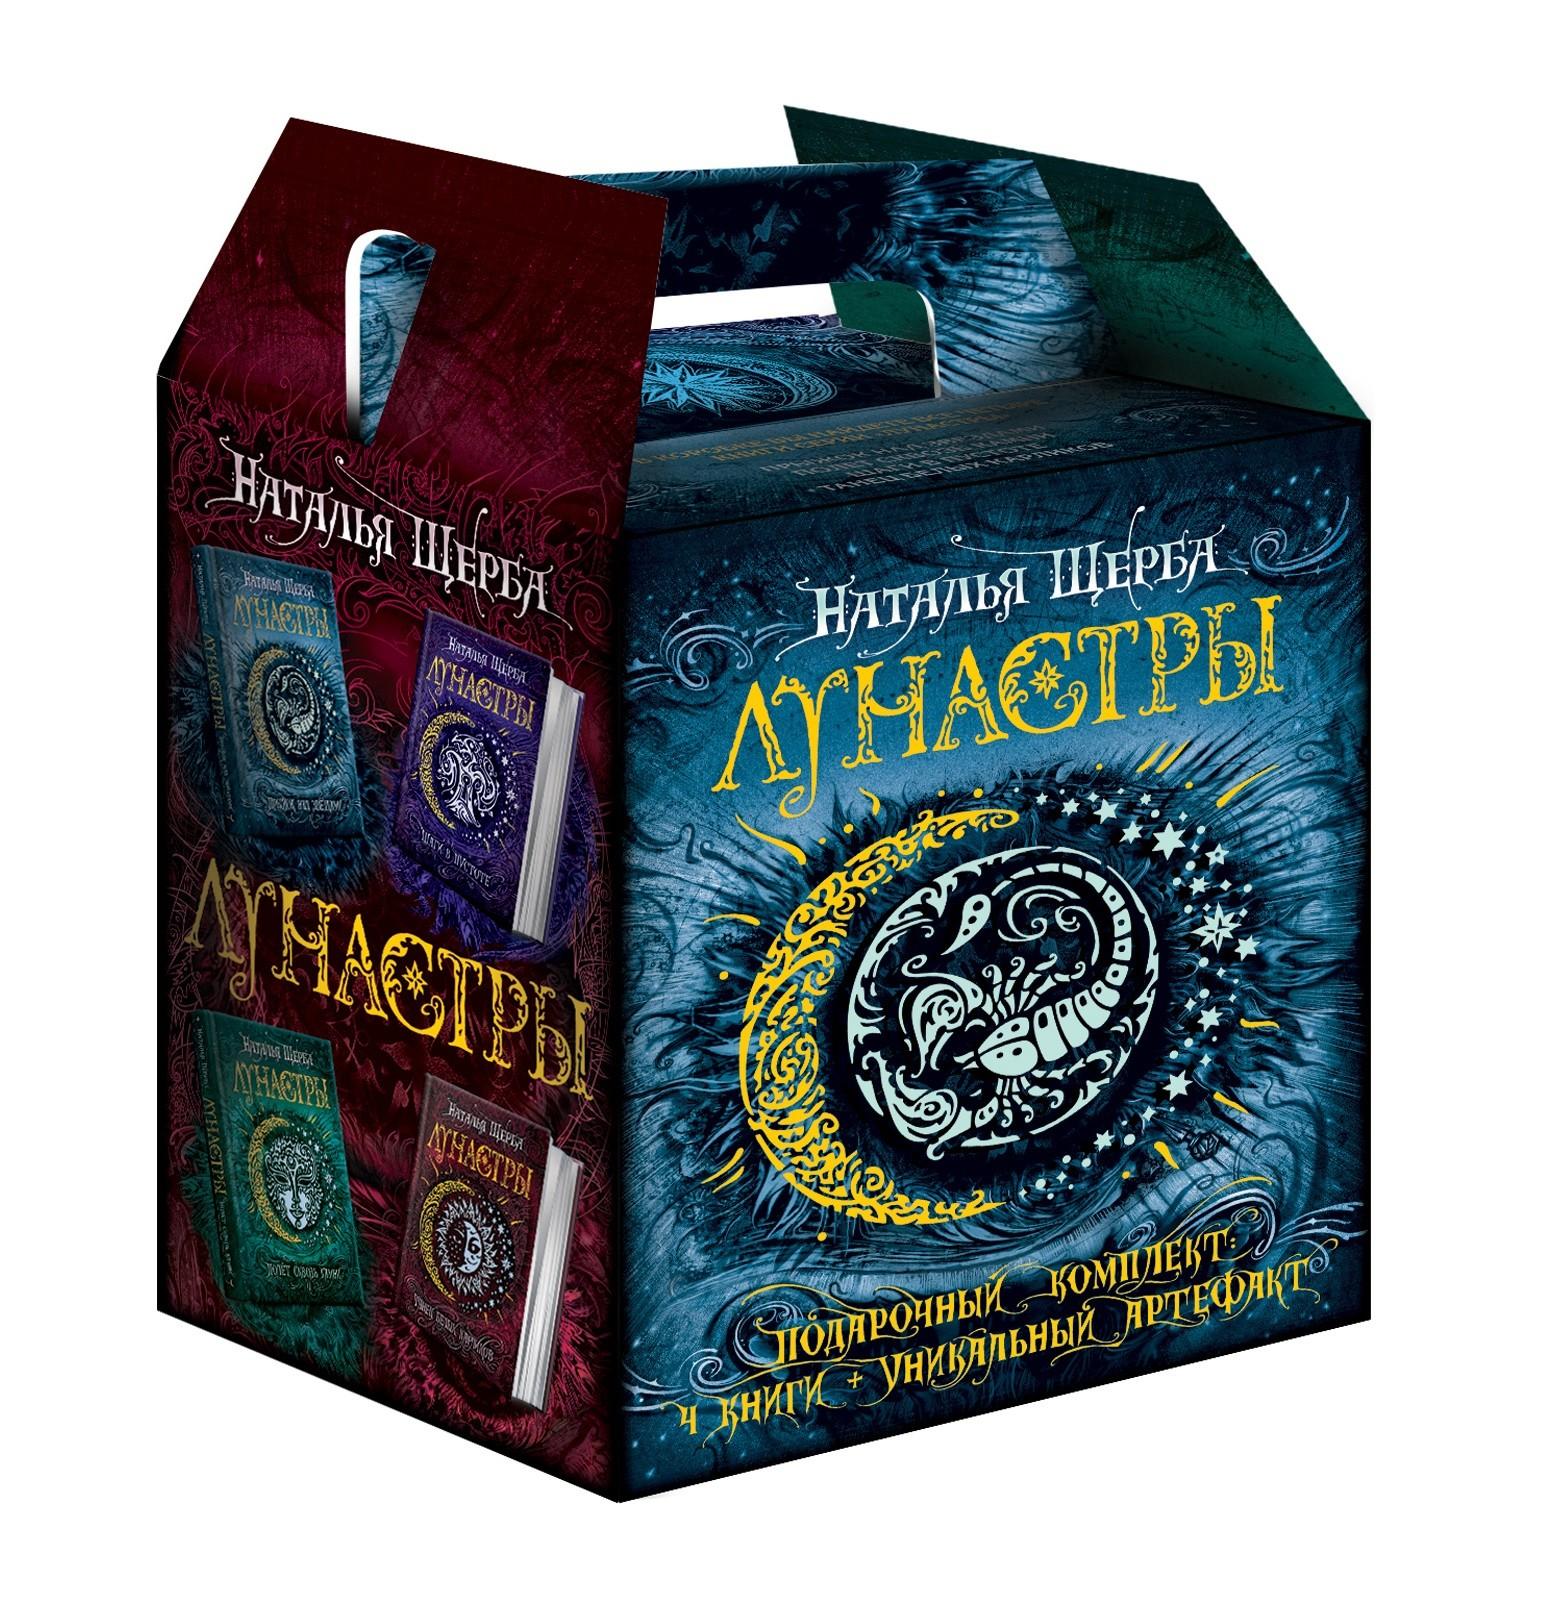 Лунастры: Подарочный комплект из 4-х книг